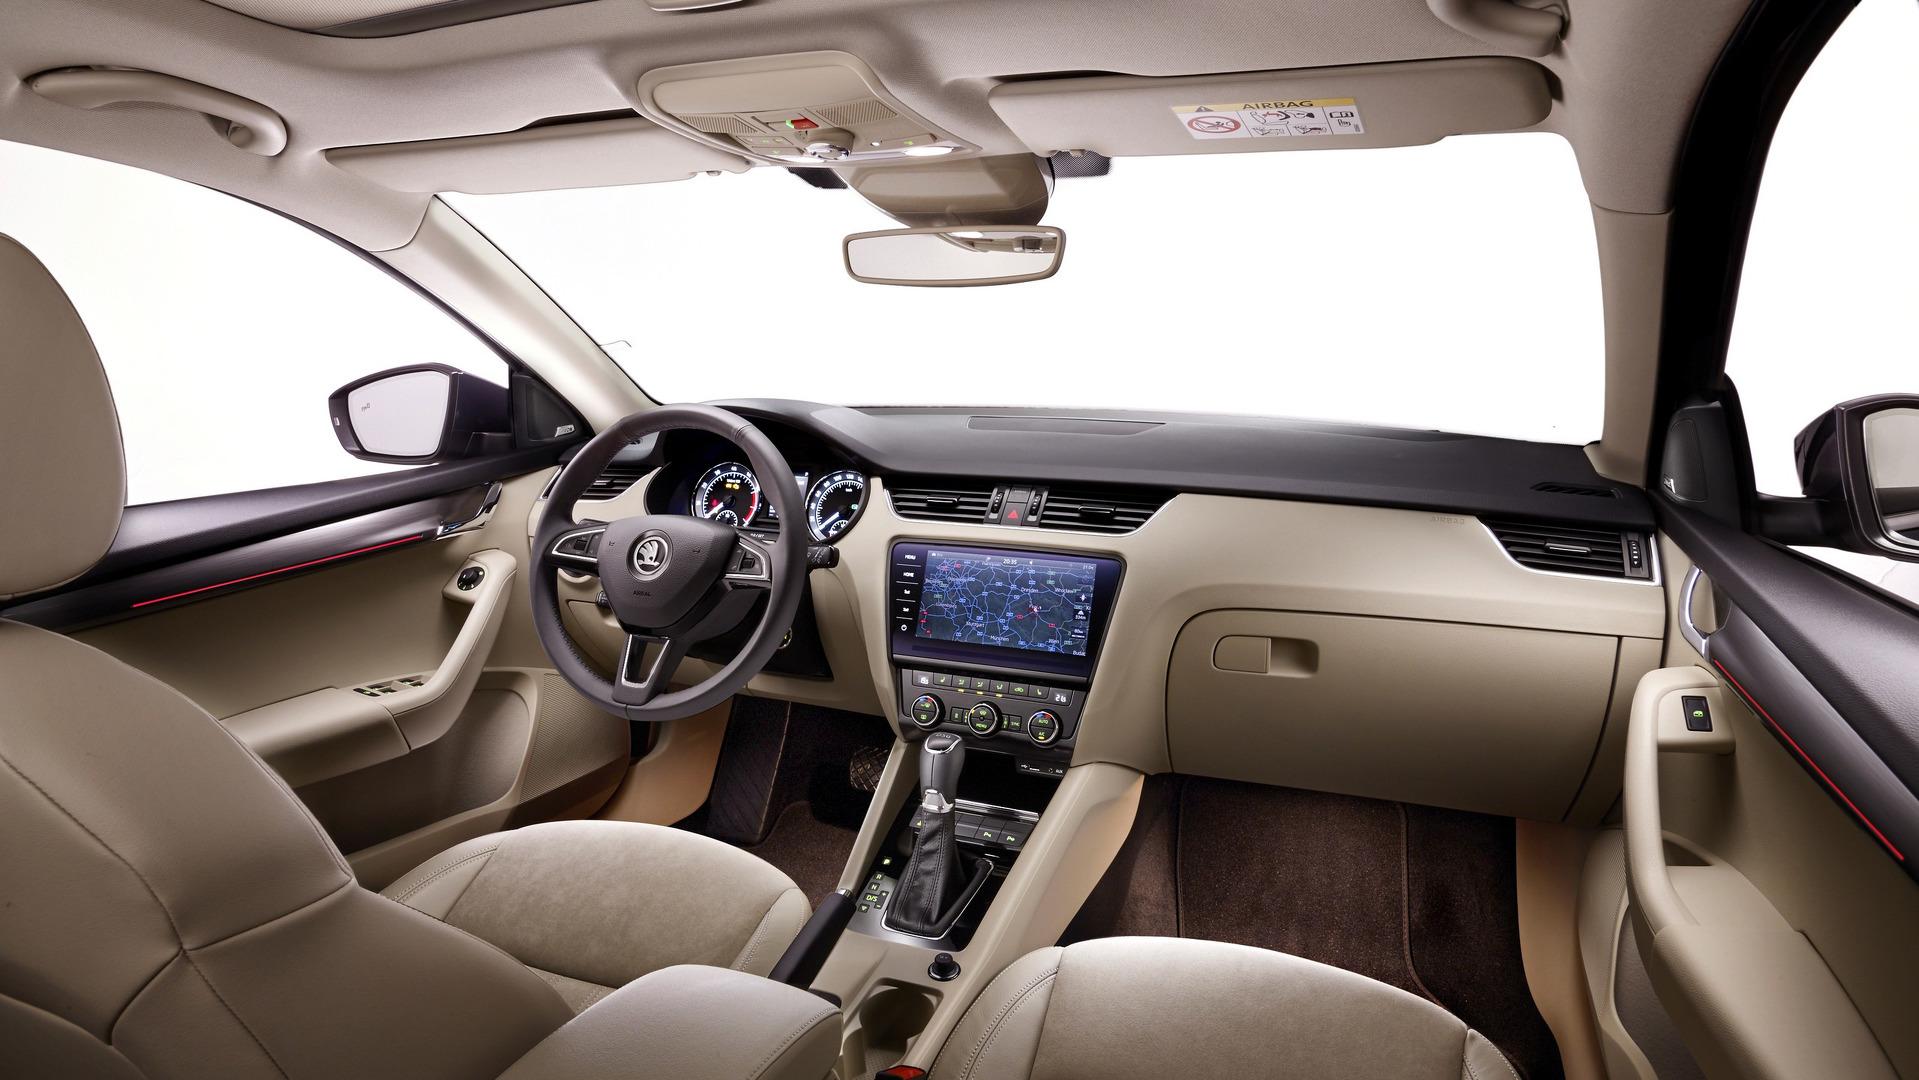 2017 skoda octavia facelift interior cabin detailed. Black Bedroom Furniture Sets. Home Design Ideas